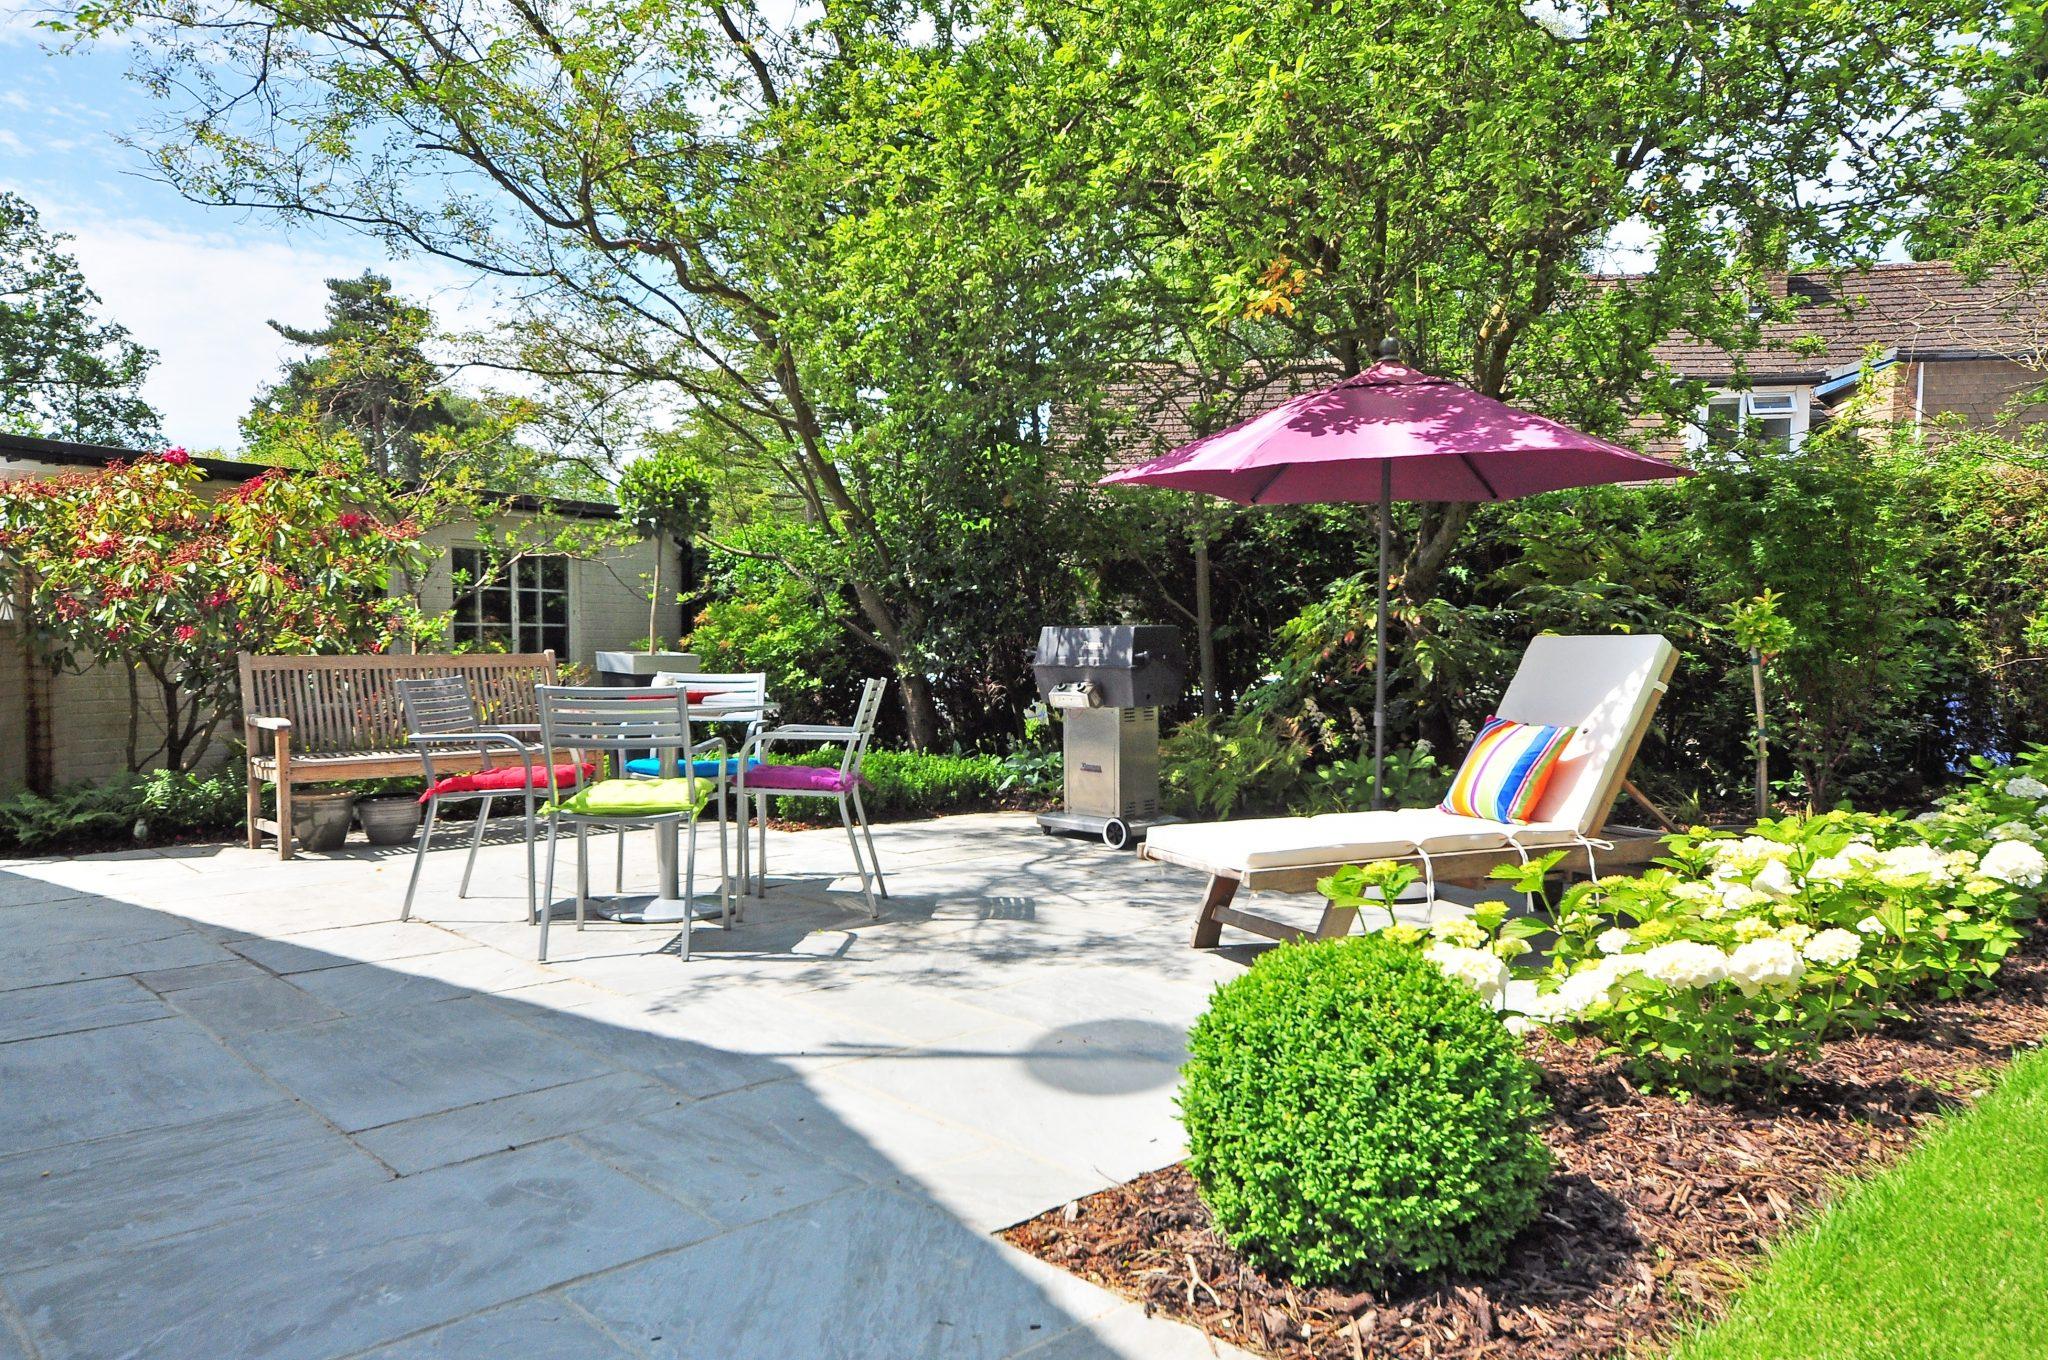 Promozioni Ombrelloni Da Giardino.Ombrellone Da Giardino I Modelli Migliori Per L Estate